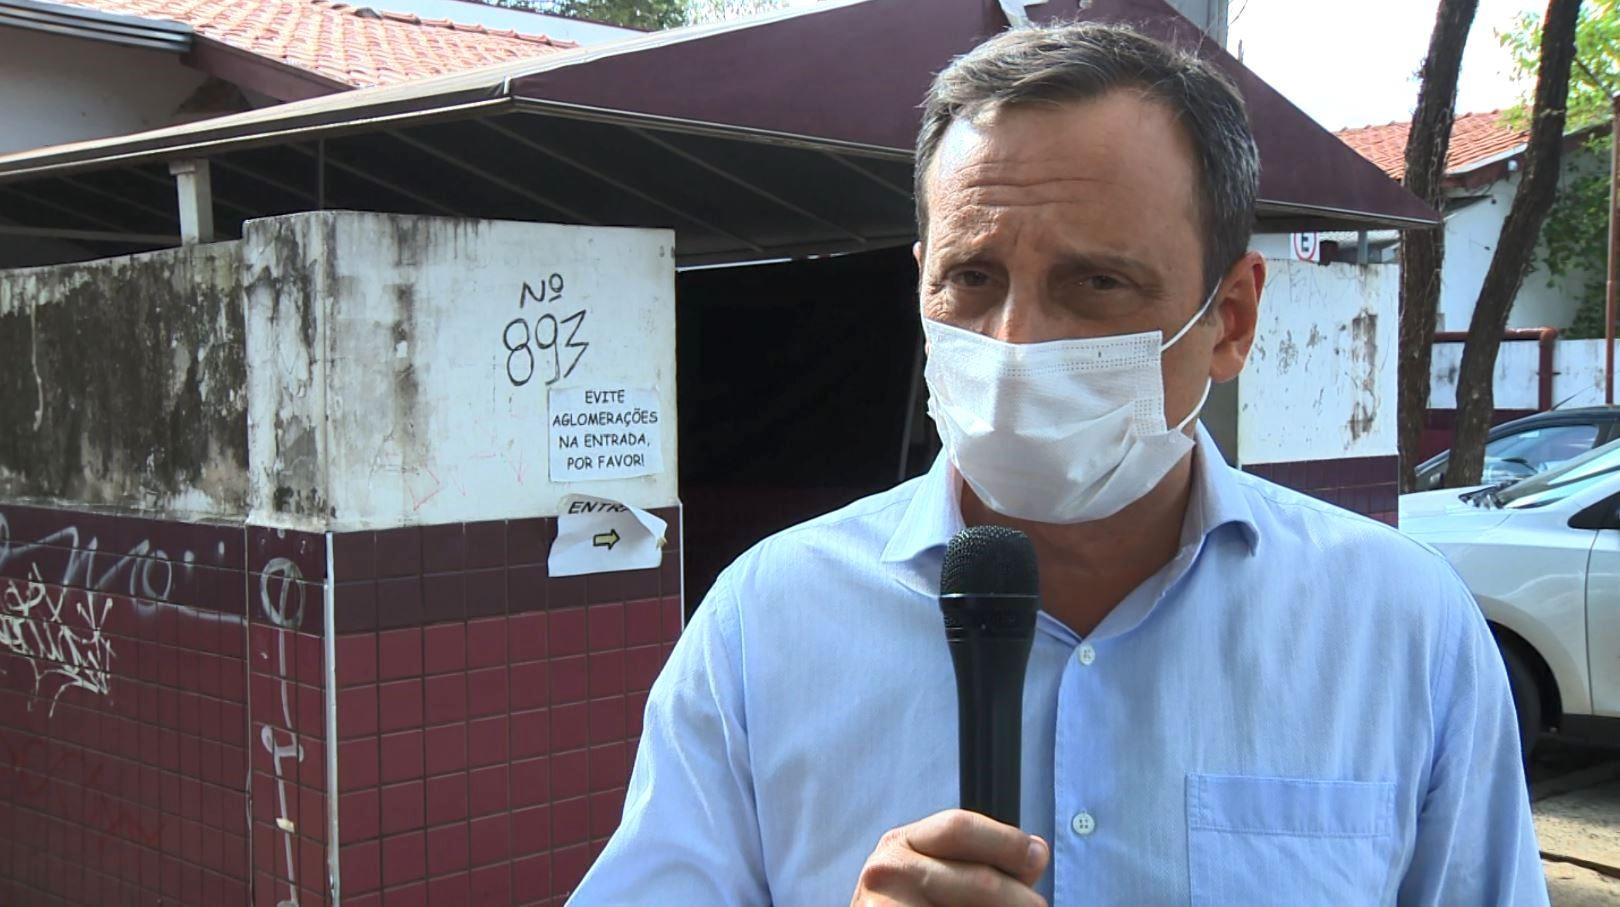 Panfletagem, encontro sobre causa animal e bate-papo em comércios: o dia dos candidatos a prefeito em Campinas